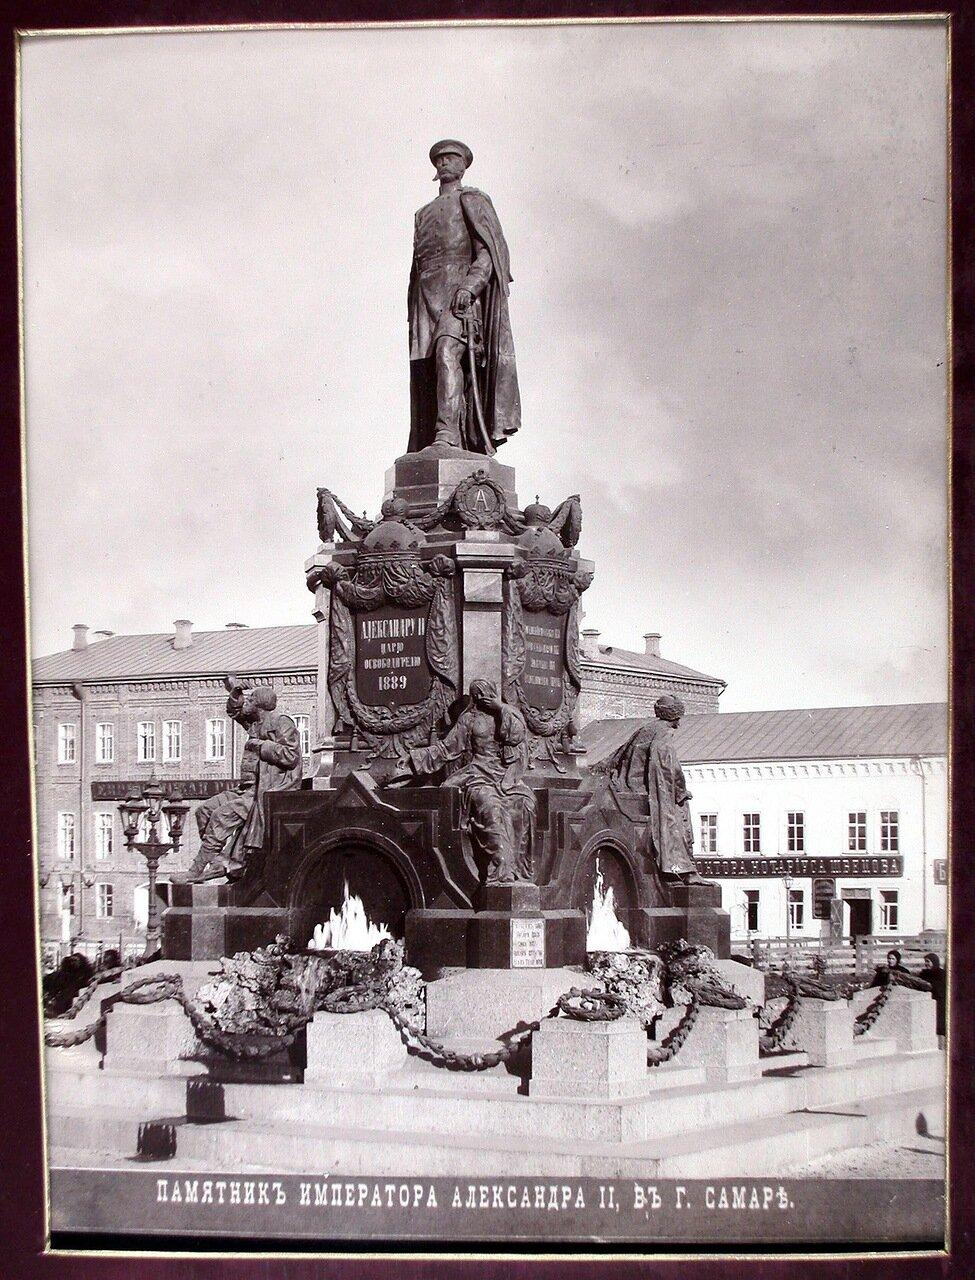 03. Общий вид памятника императору Александру II